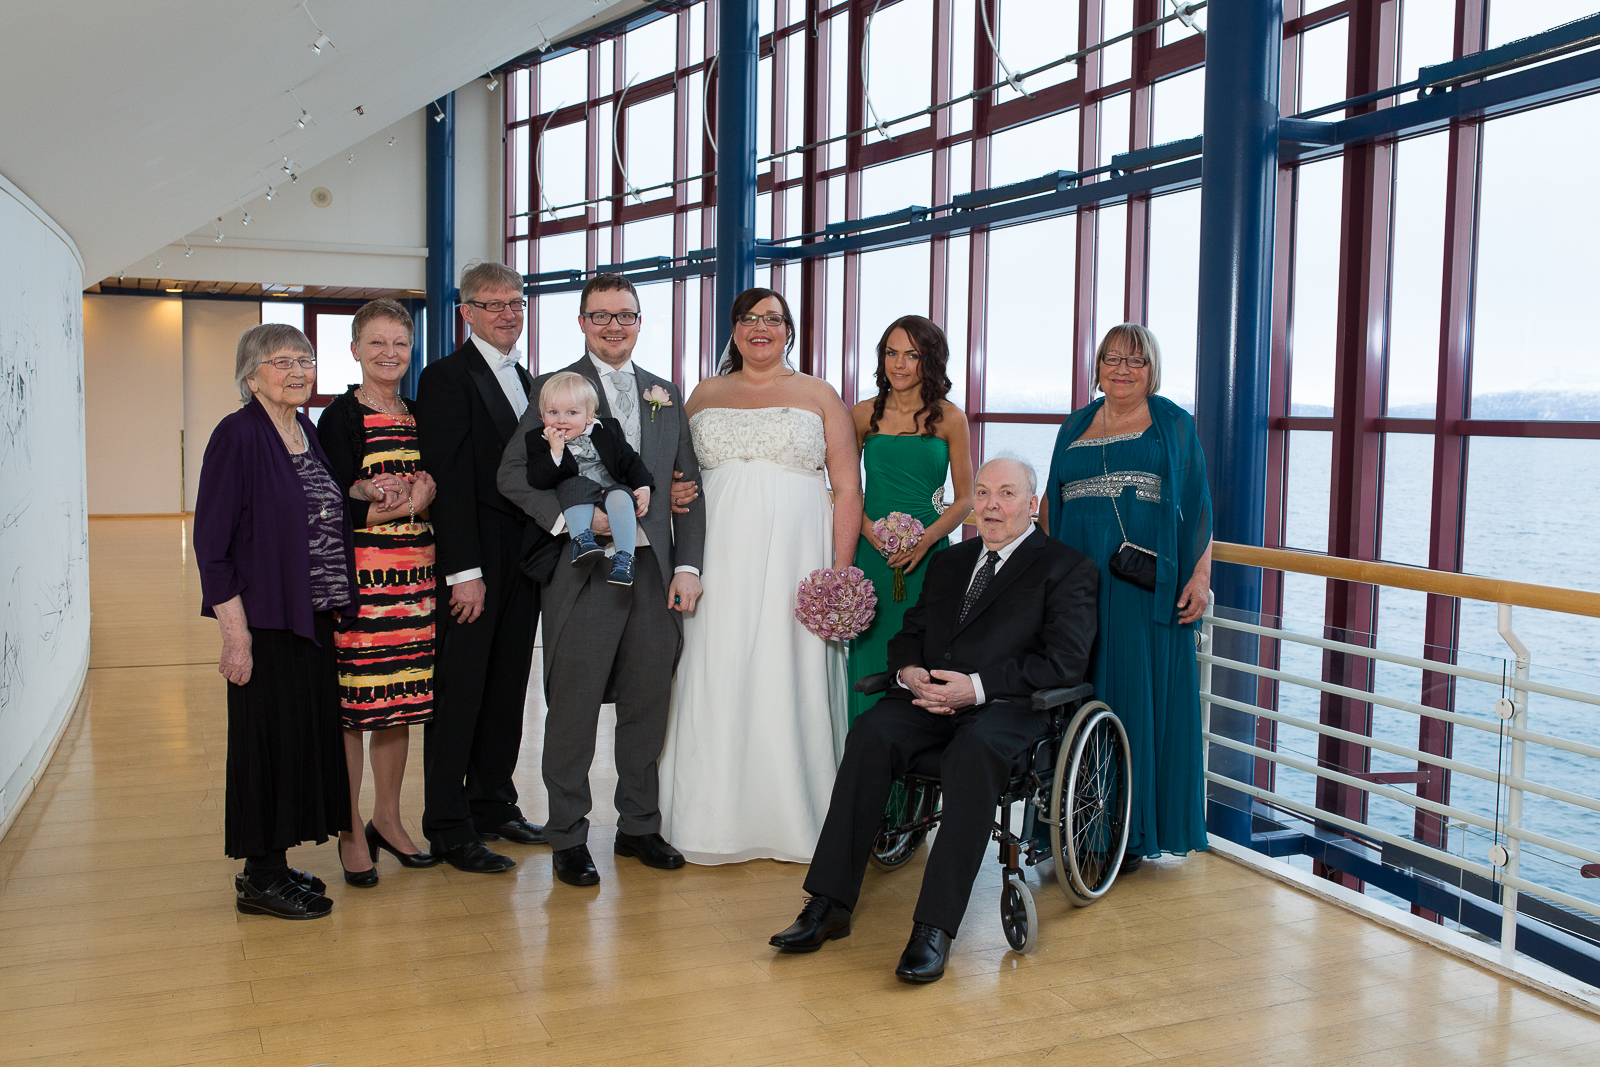 Pappa var utrolig stolt og glad den dagen Espen og jeg giftet oss. Her er hele familien samlet.